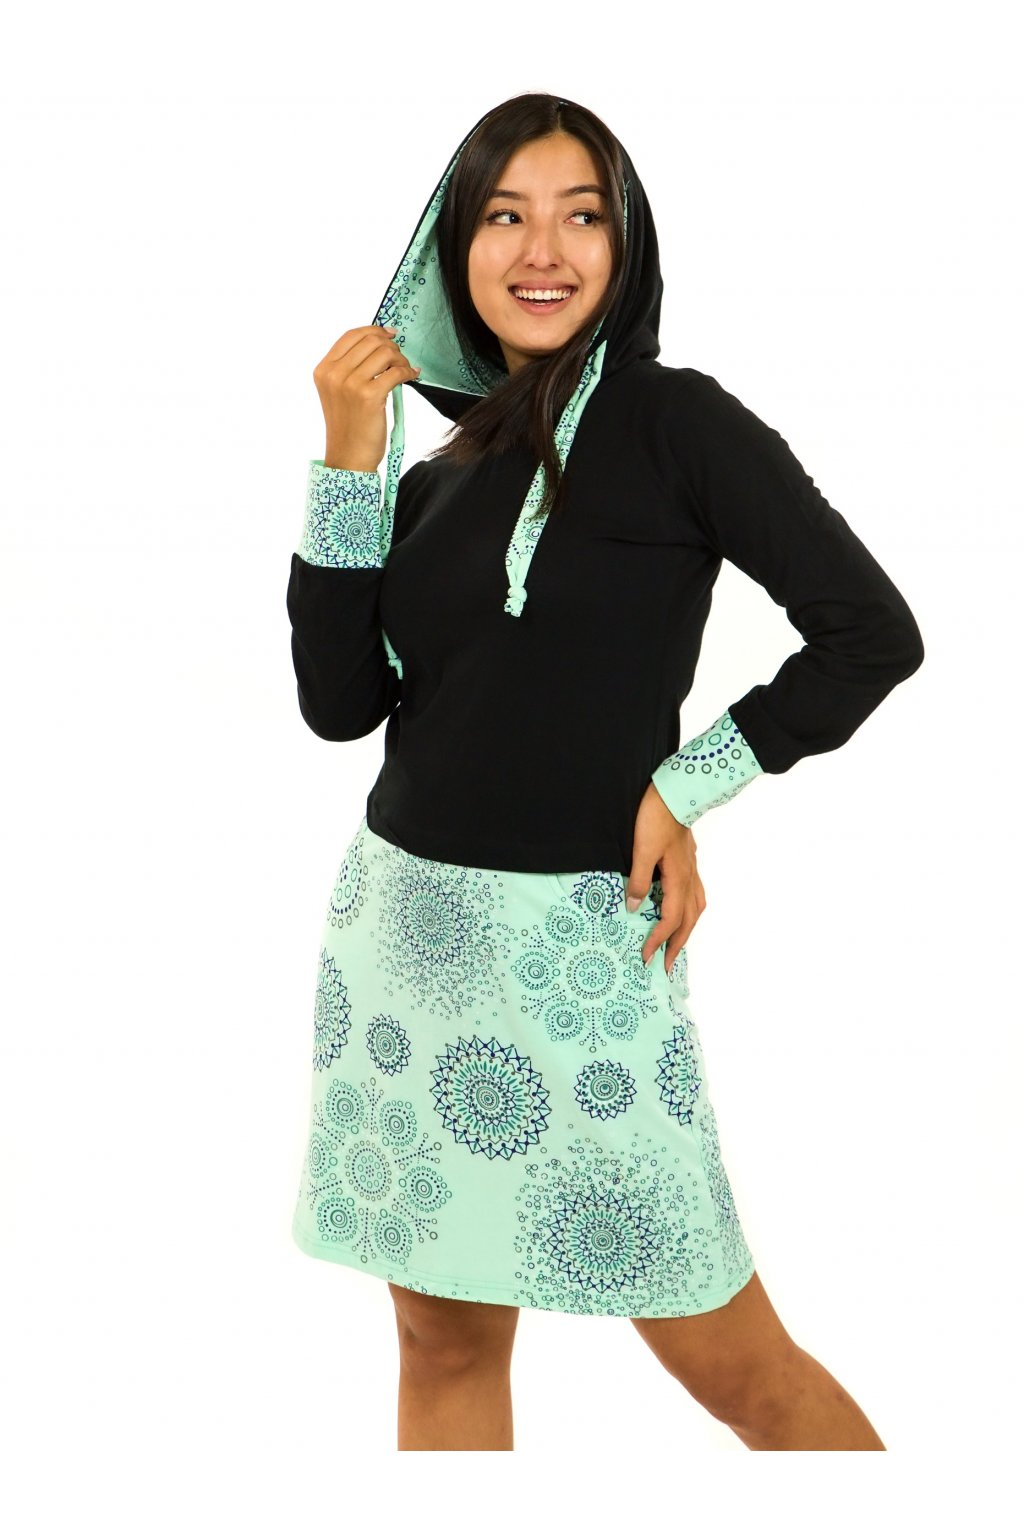 Šaty s kapucí Asma - černá s mintovou